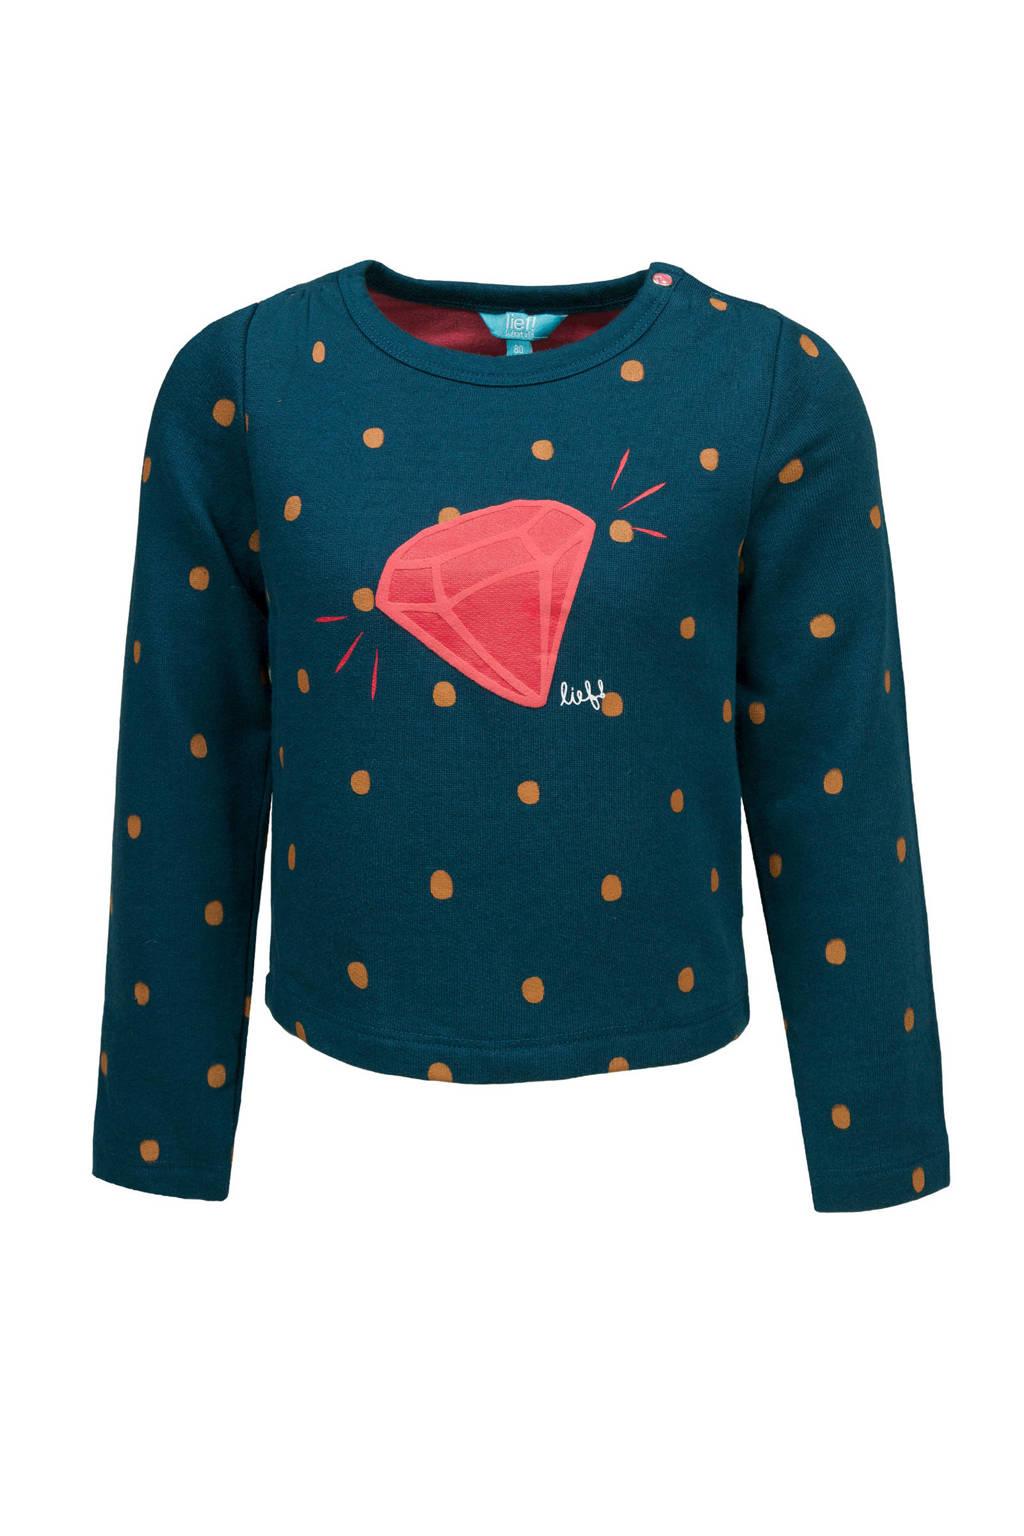 lief! sweater met stippen blauw, Blauw